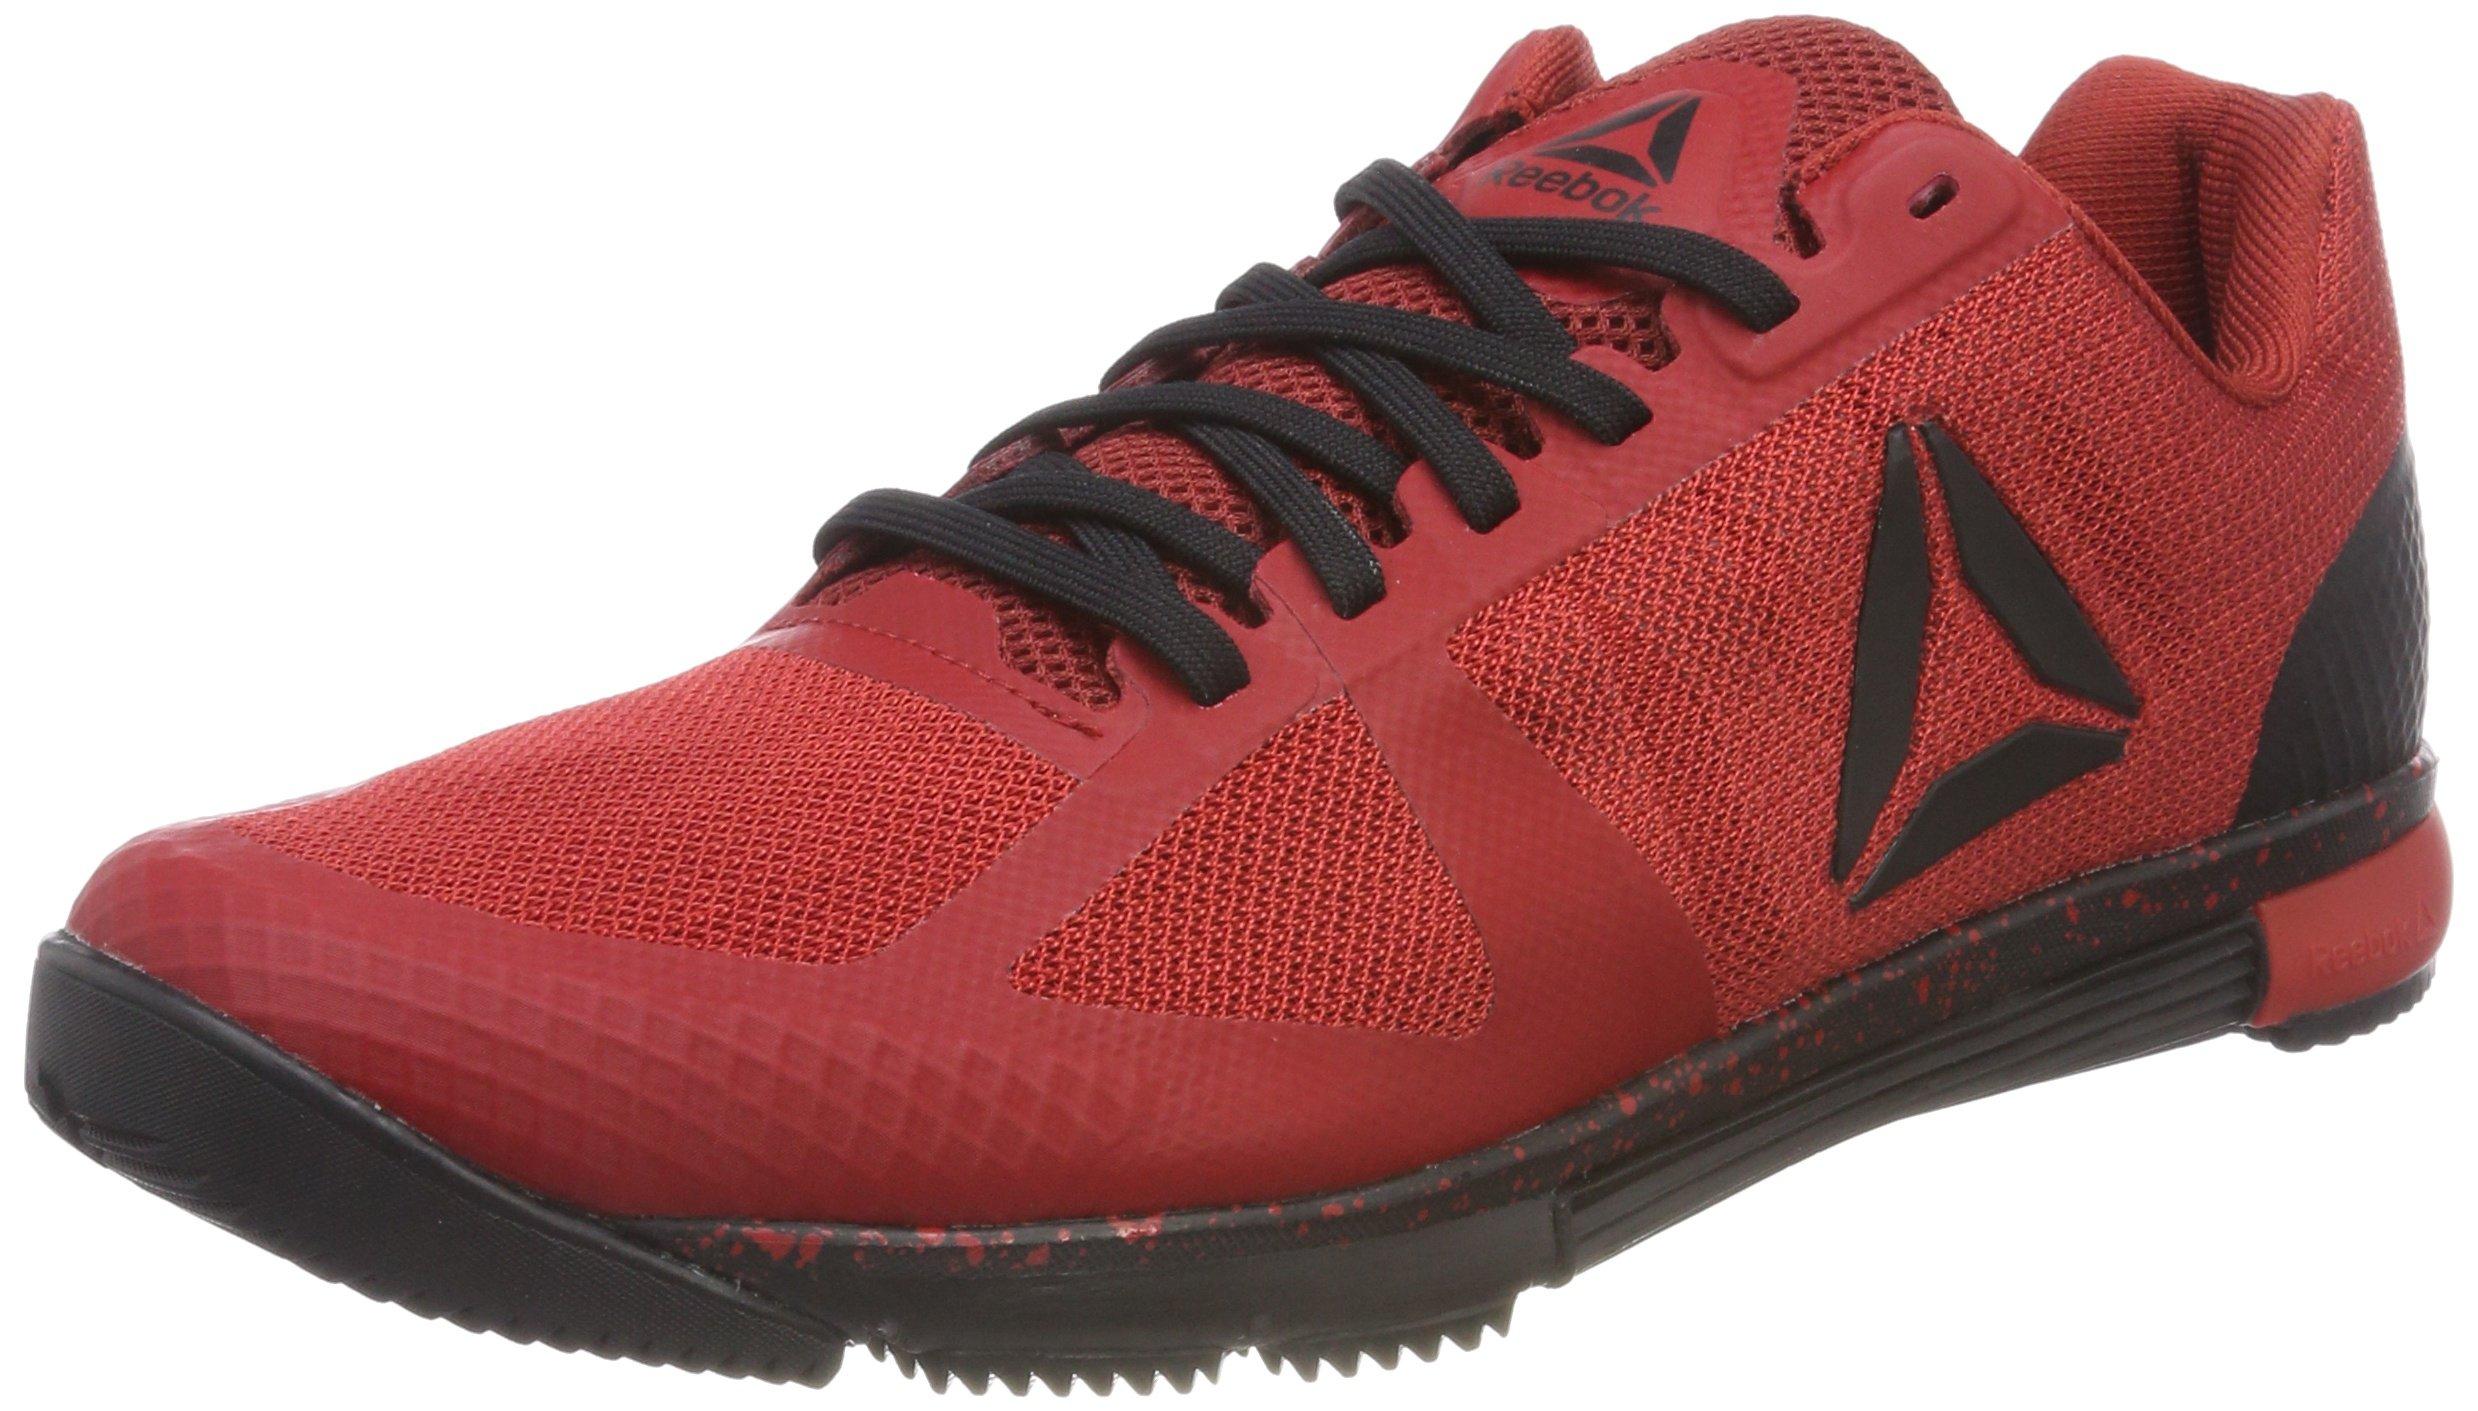 00040 Red Reebok primal Fitness De black Magma Speed Eu HommeRougerich 5 TrChaussures VUGMqSzp